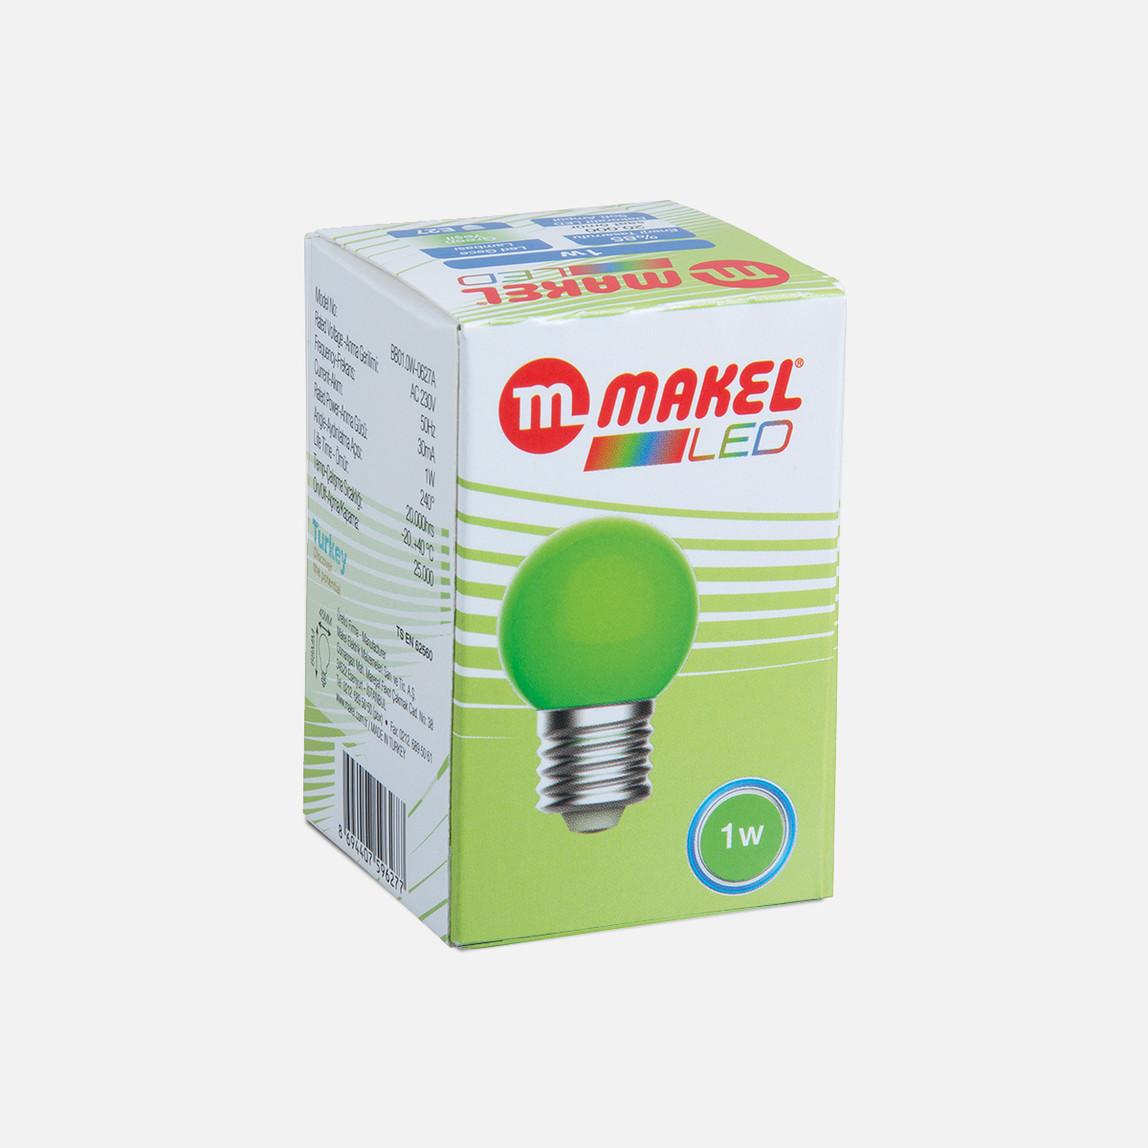 Makel 1 Watt Led Gece Lambası Ampul Yeşil